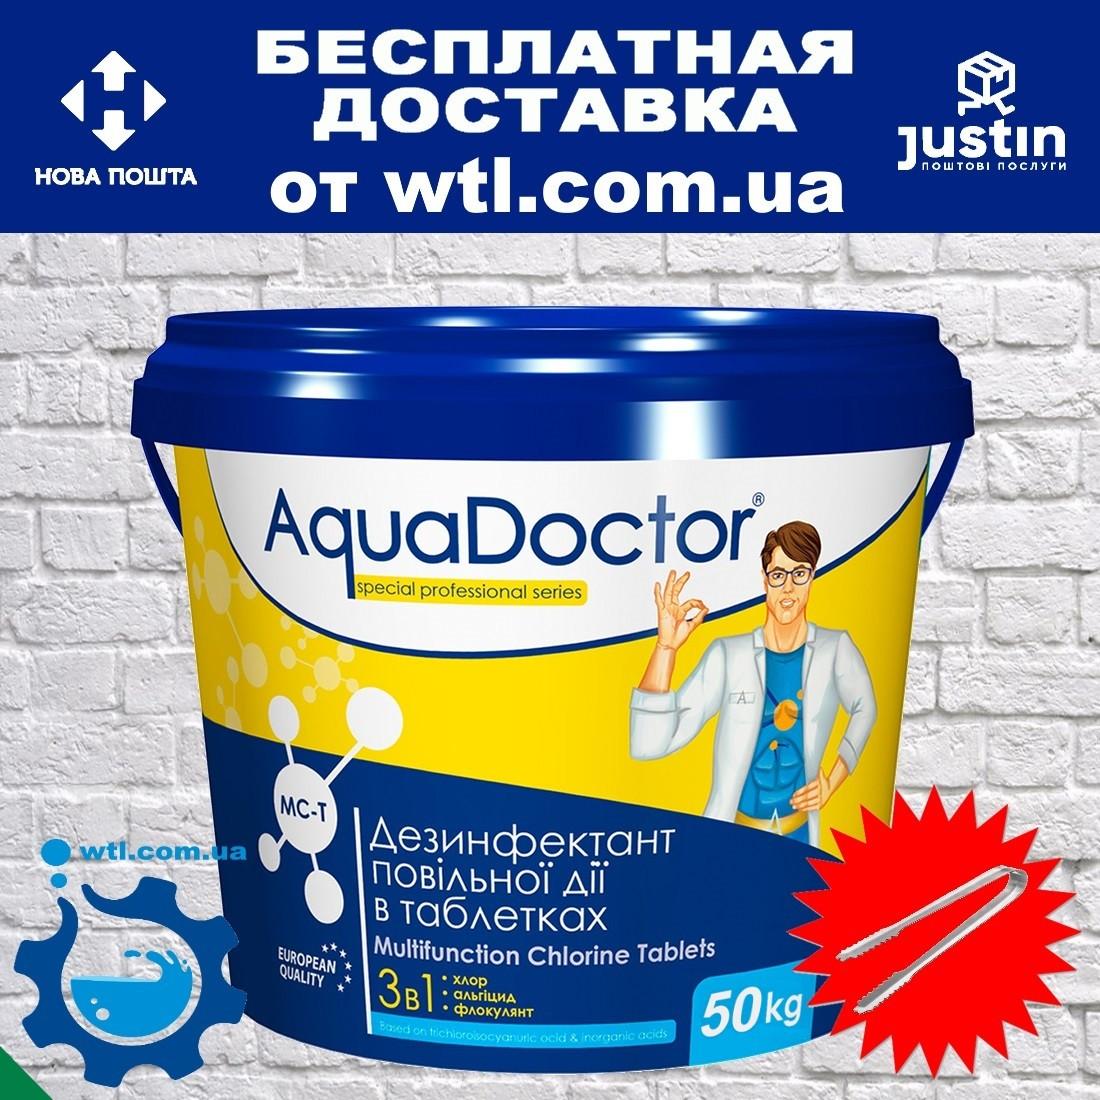 Мульти табс AquaDoctor MC-T 50 кг 3 в 1 большие таблетки хлора для бассейна длительного (медленного) действия